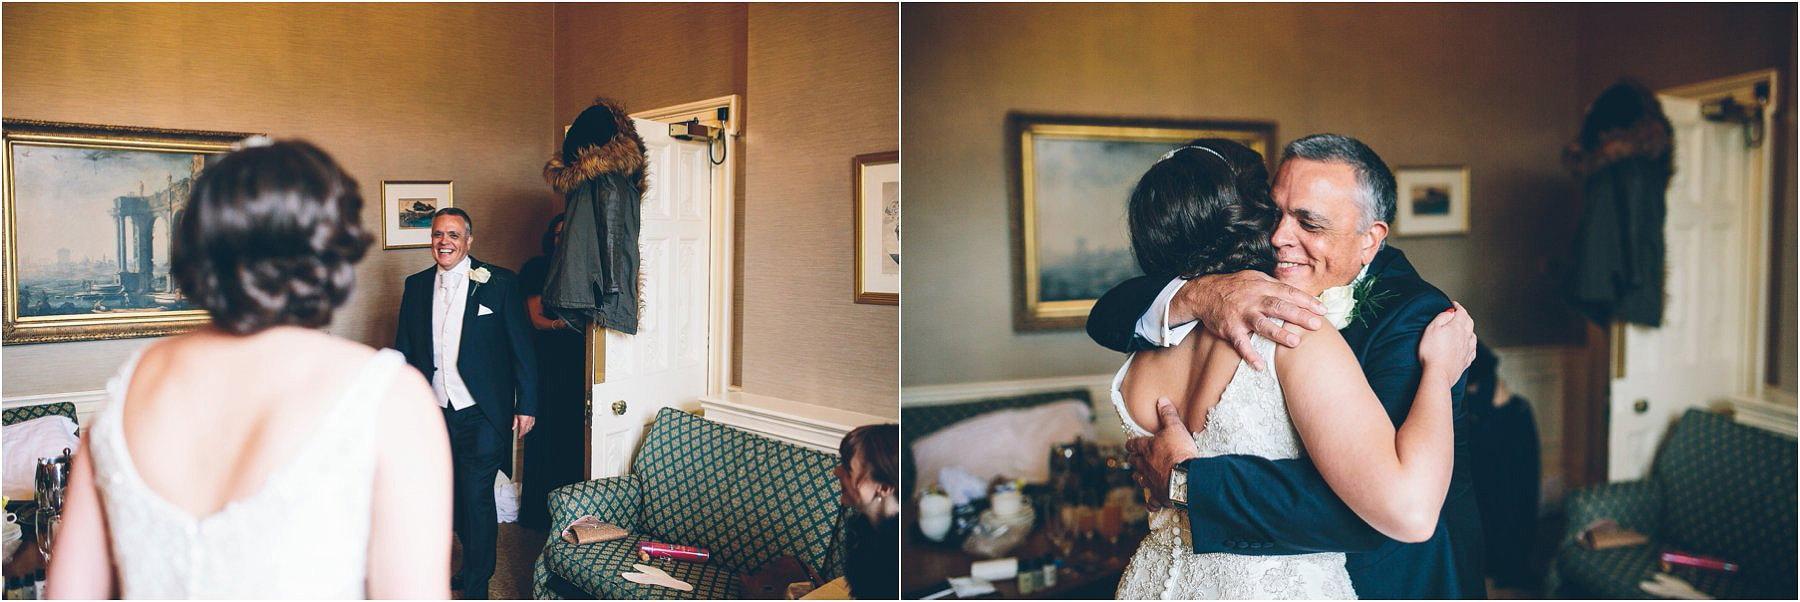 Crewe_Hall_Wedding_Photography_0022